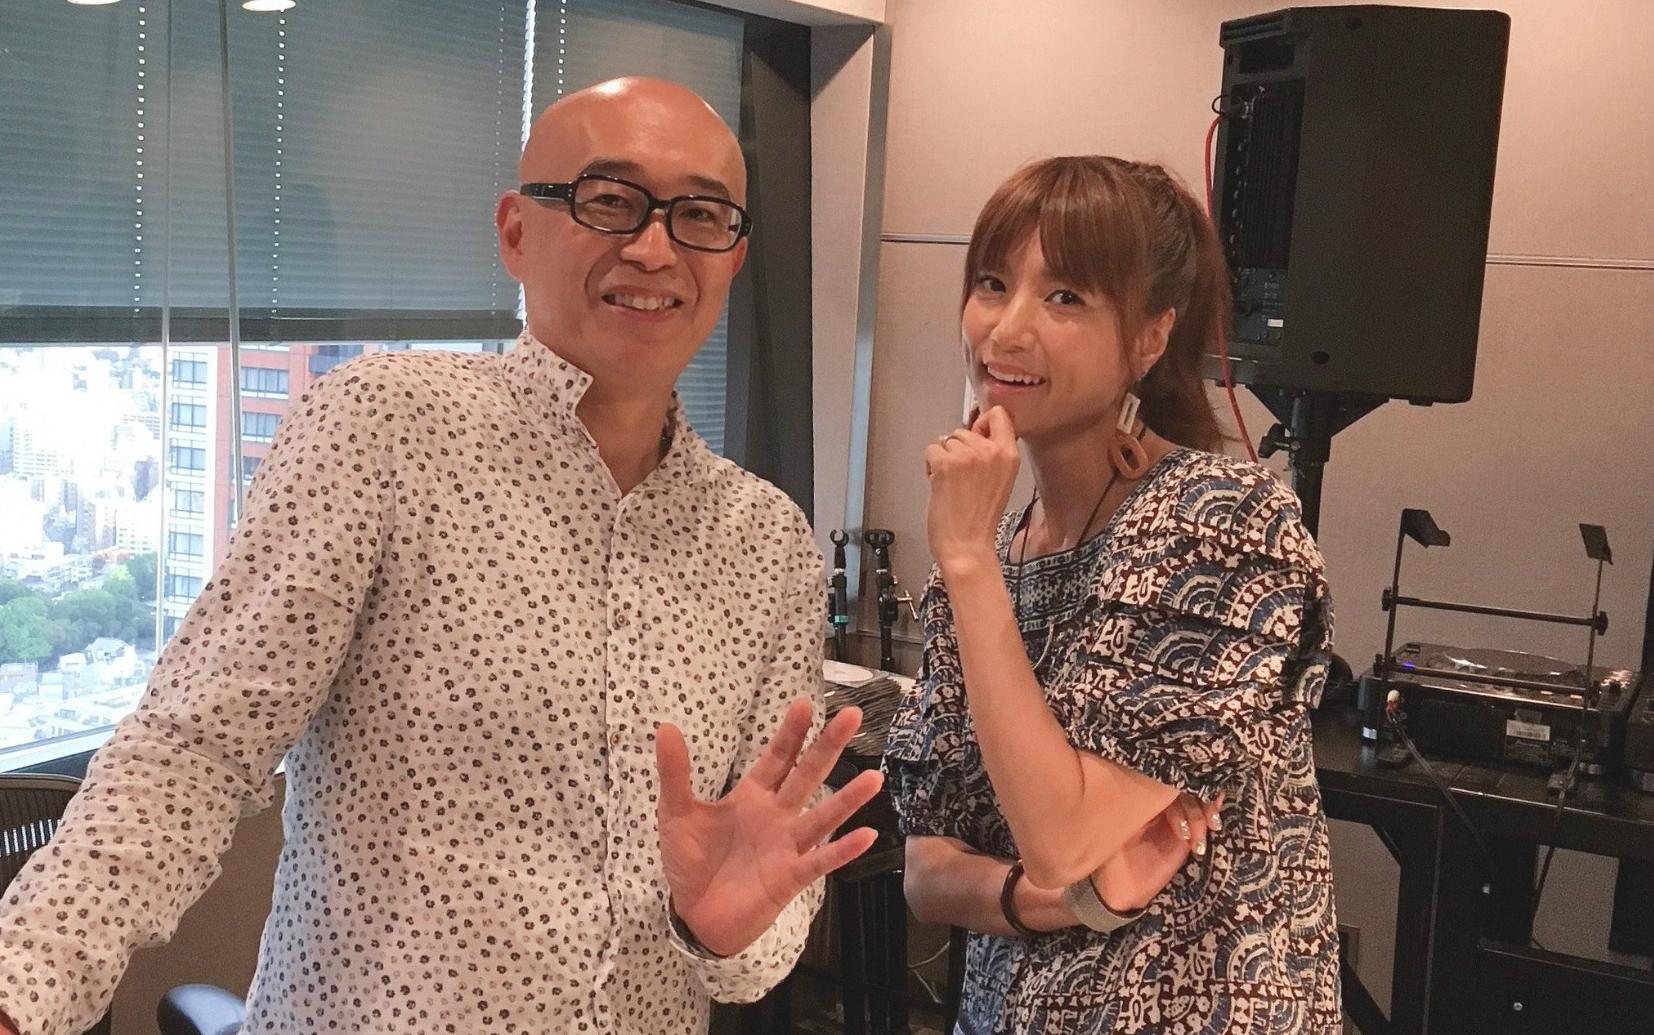 hitomi、「新曲とかいらないよね」と言われ… セルフリメイク『LOVE 2020』制作裏を明かす